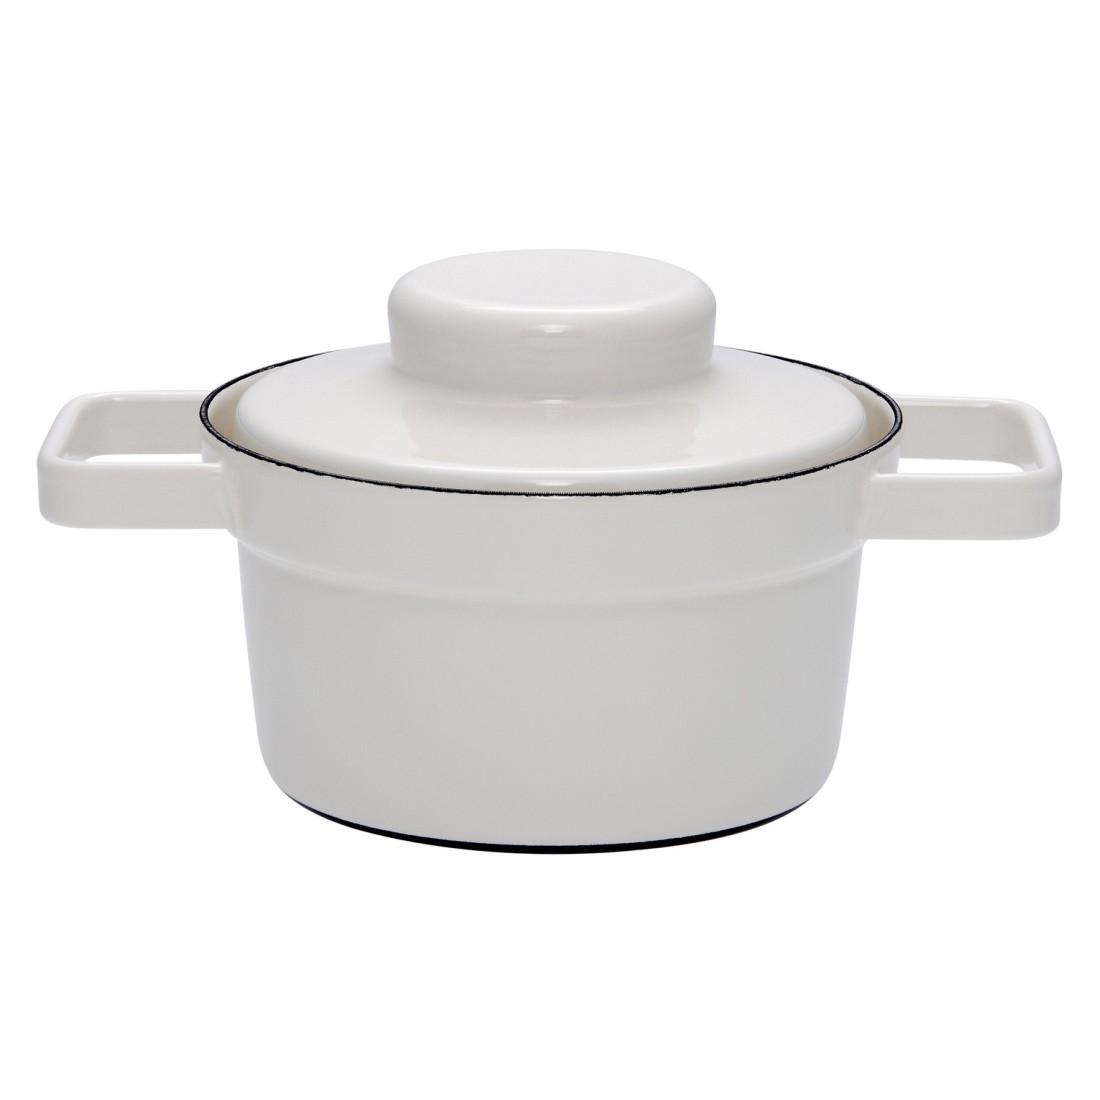 Topf mit Deckel Aromapots – Emaille – Grau – 24cm – 3,5 L, Riess online kaufen